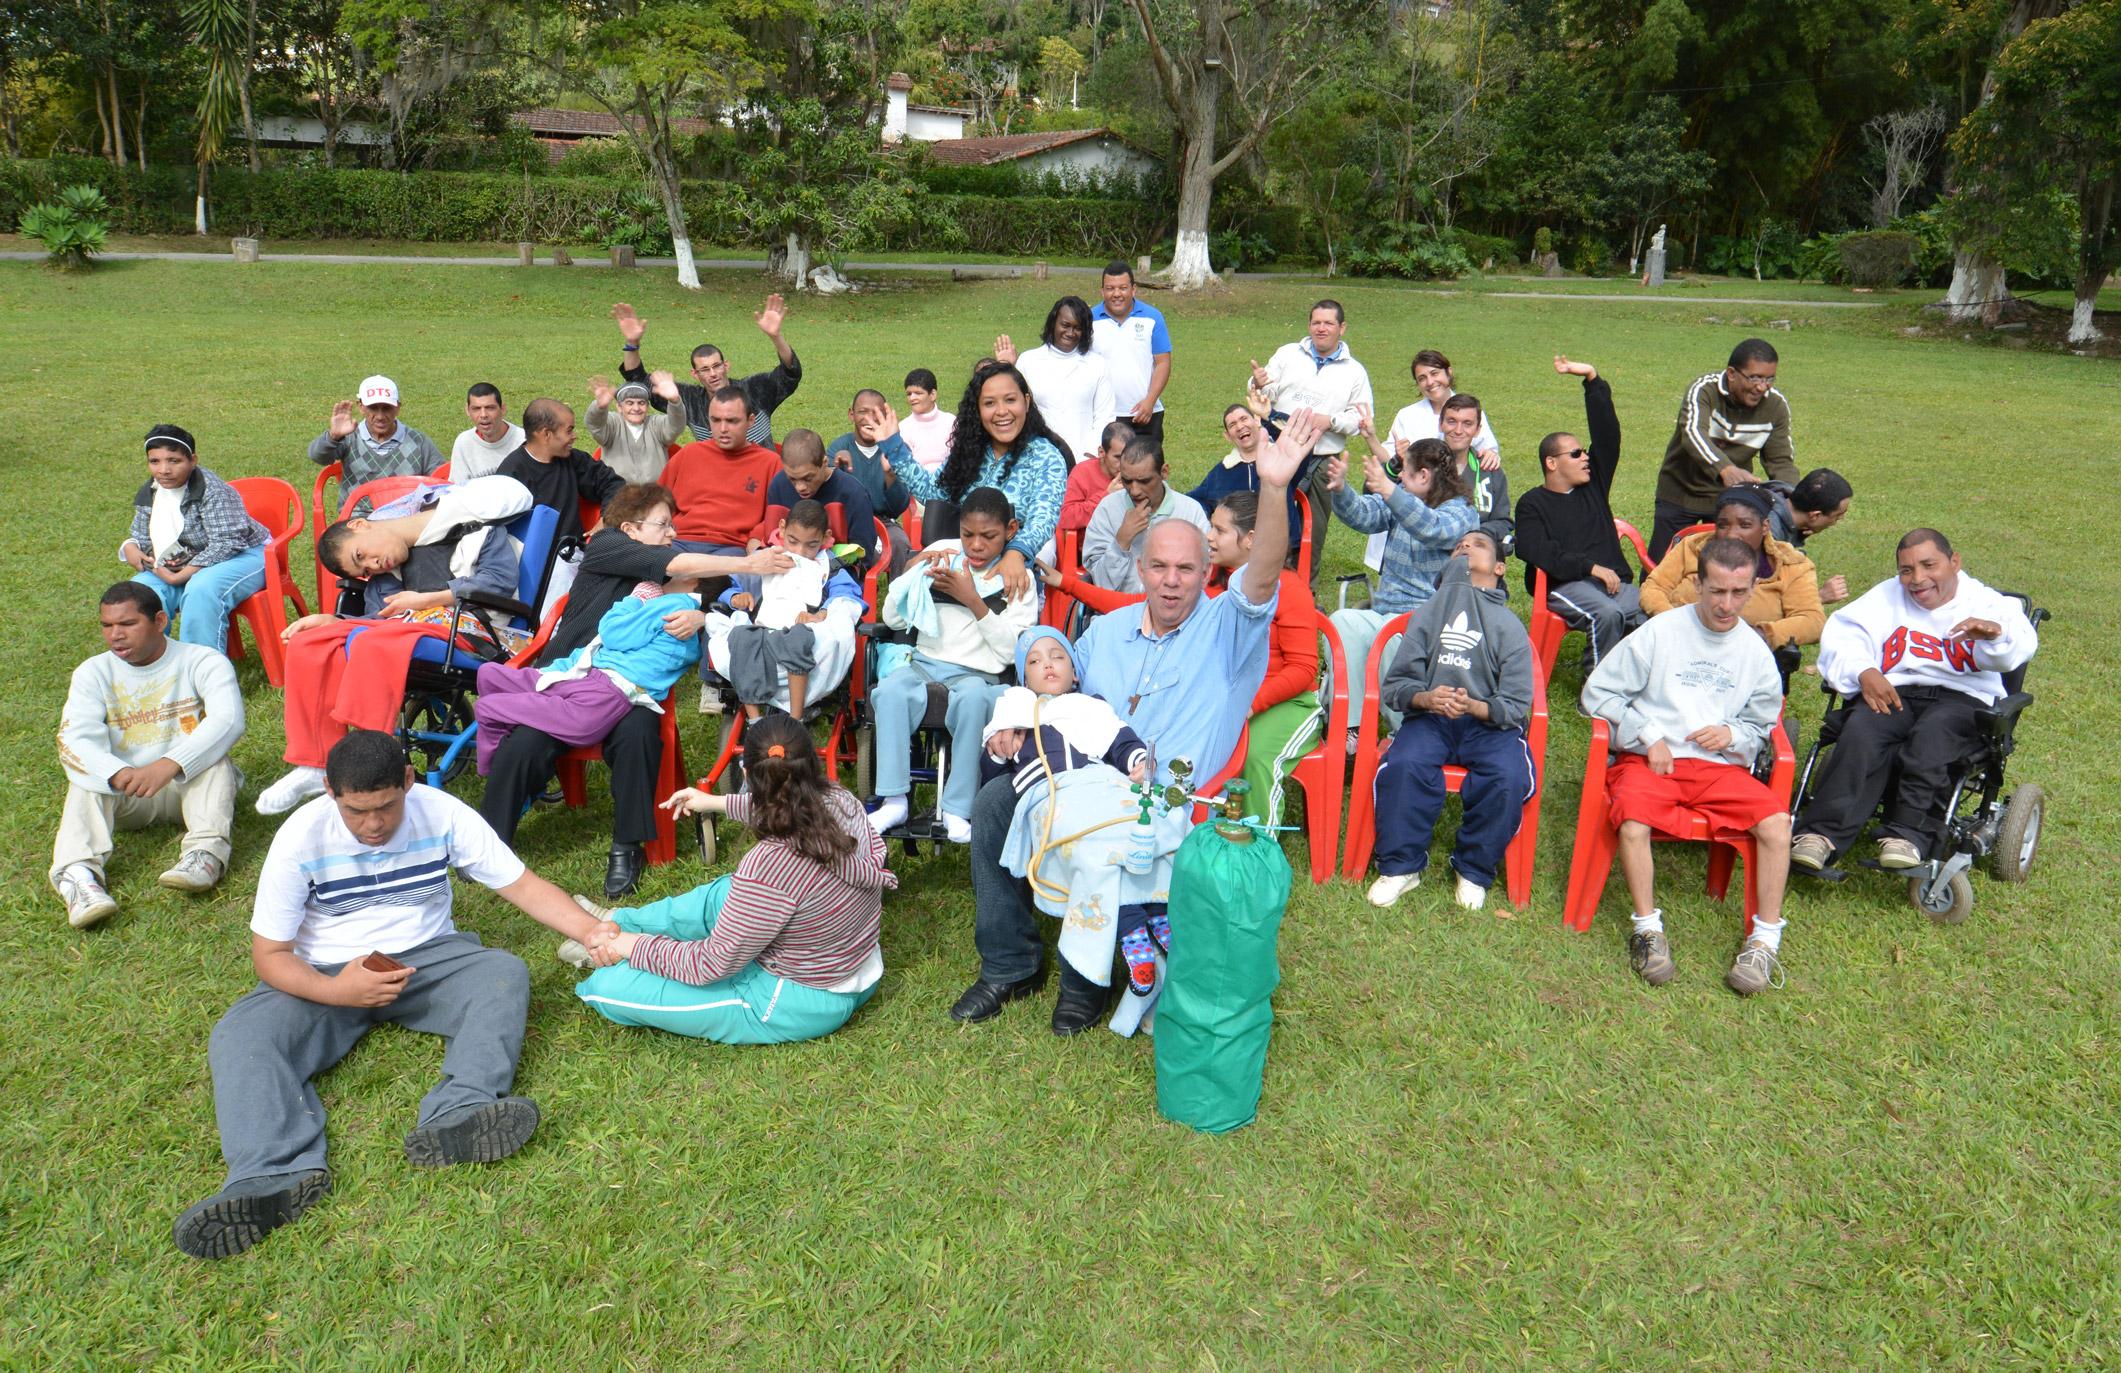 Família Jesus Menino 002 Comunidade brasileira de pessoas com necessidades especiais visitará os EUA em novembro